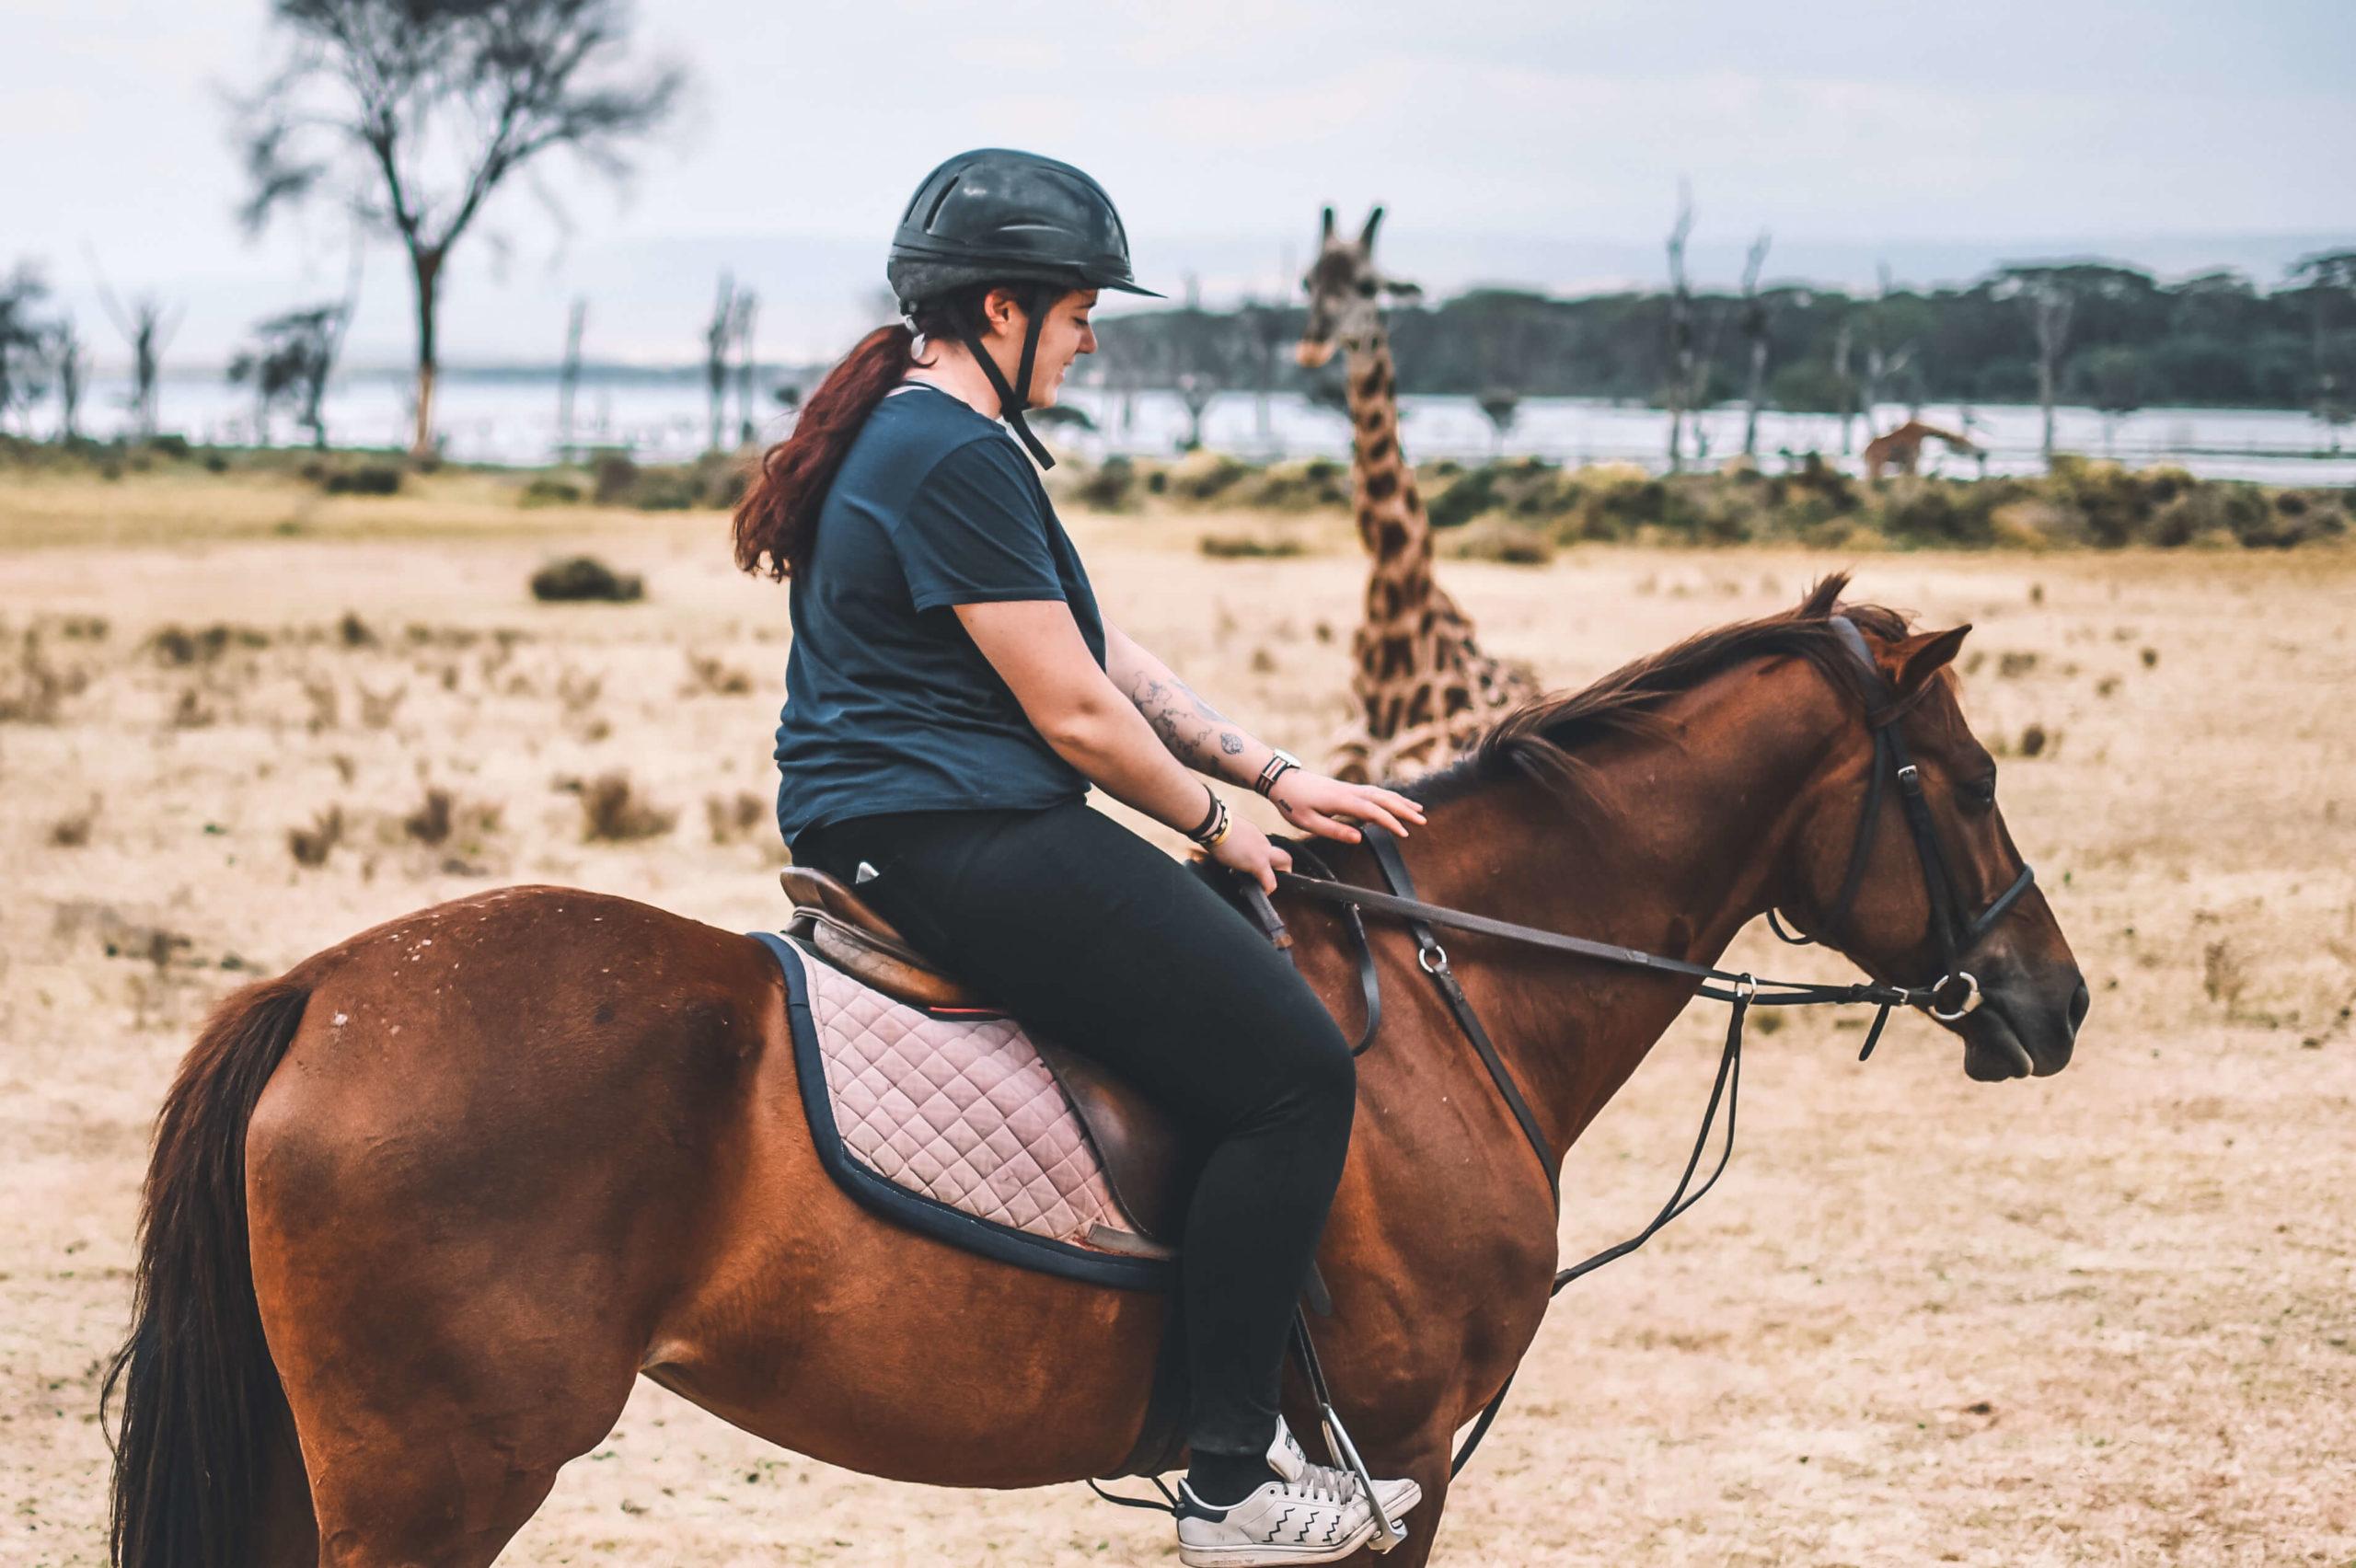 cheval safari équitation girafe naivasha